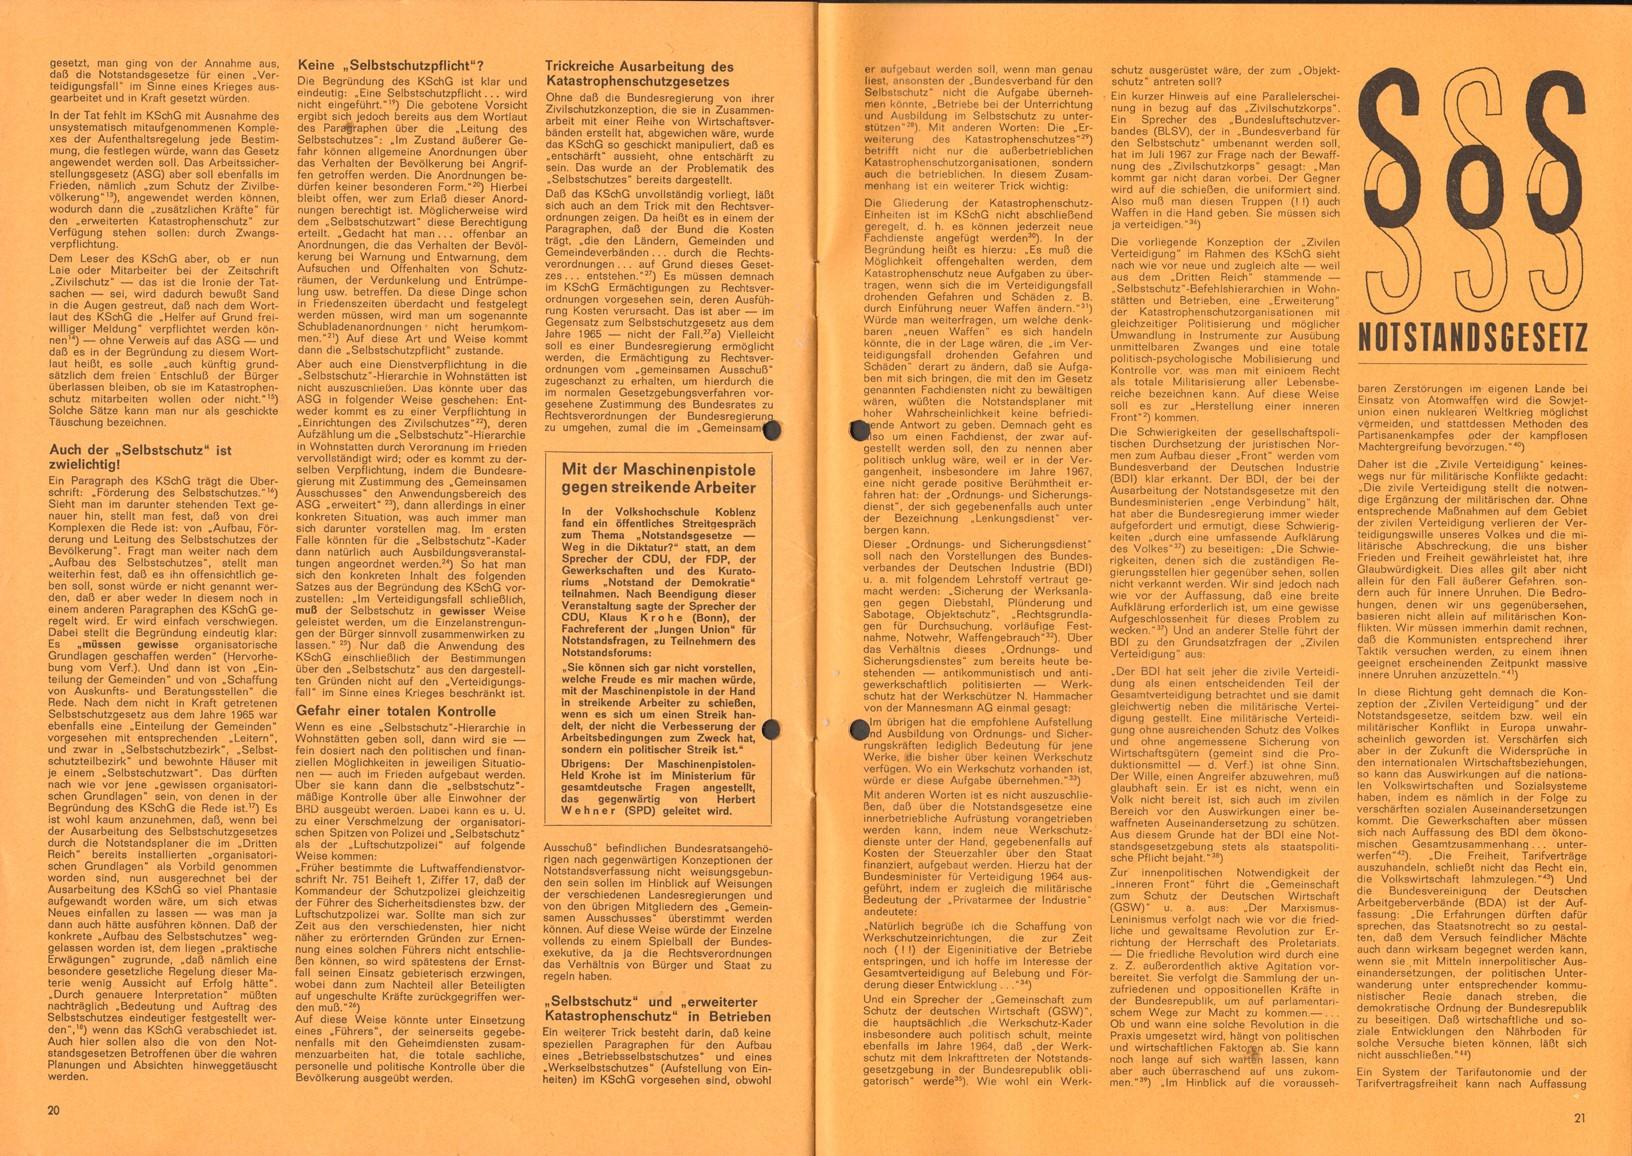 Informationen_zur_Abruestung_19680430_11